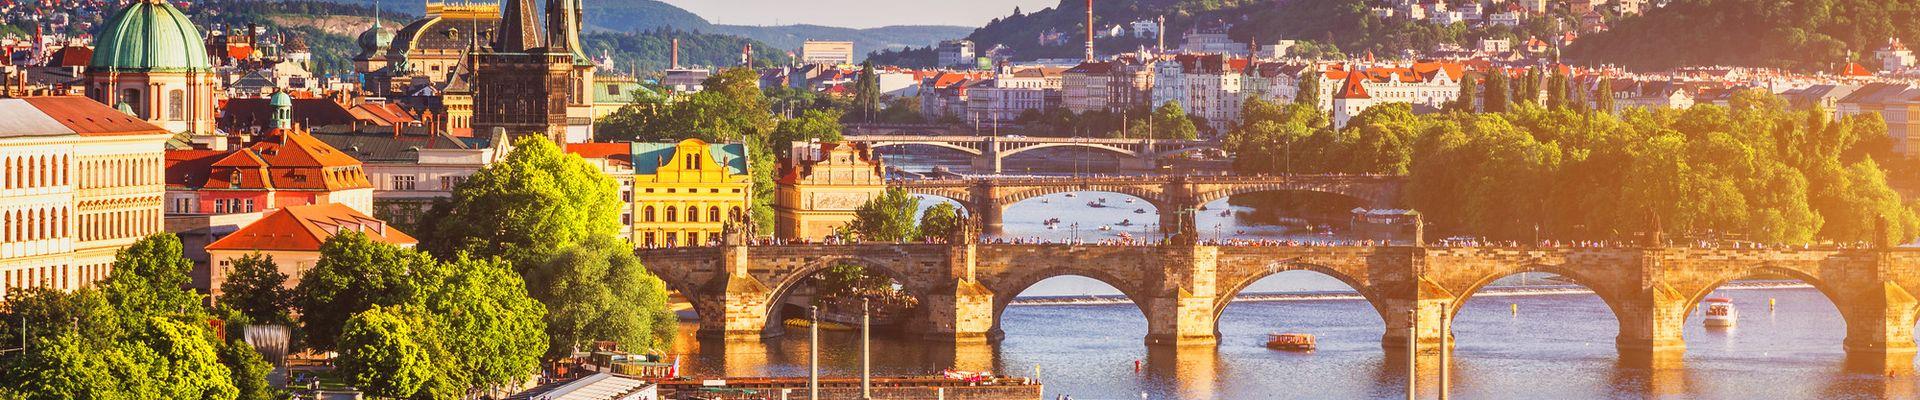 Prag am Wochenende